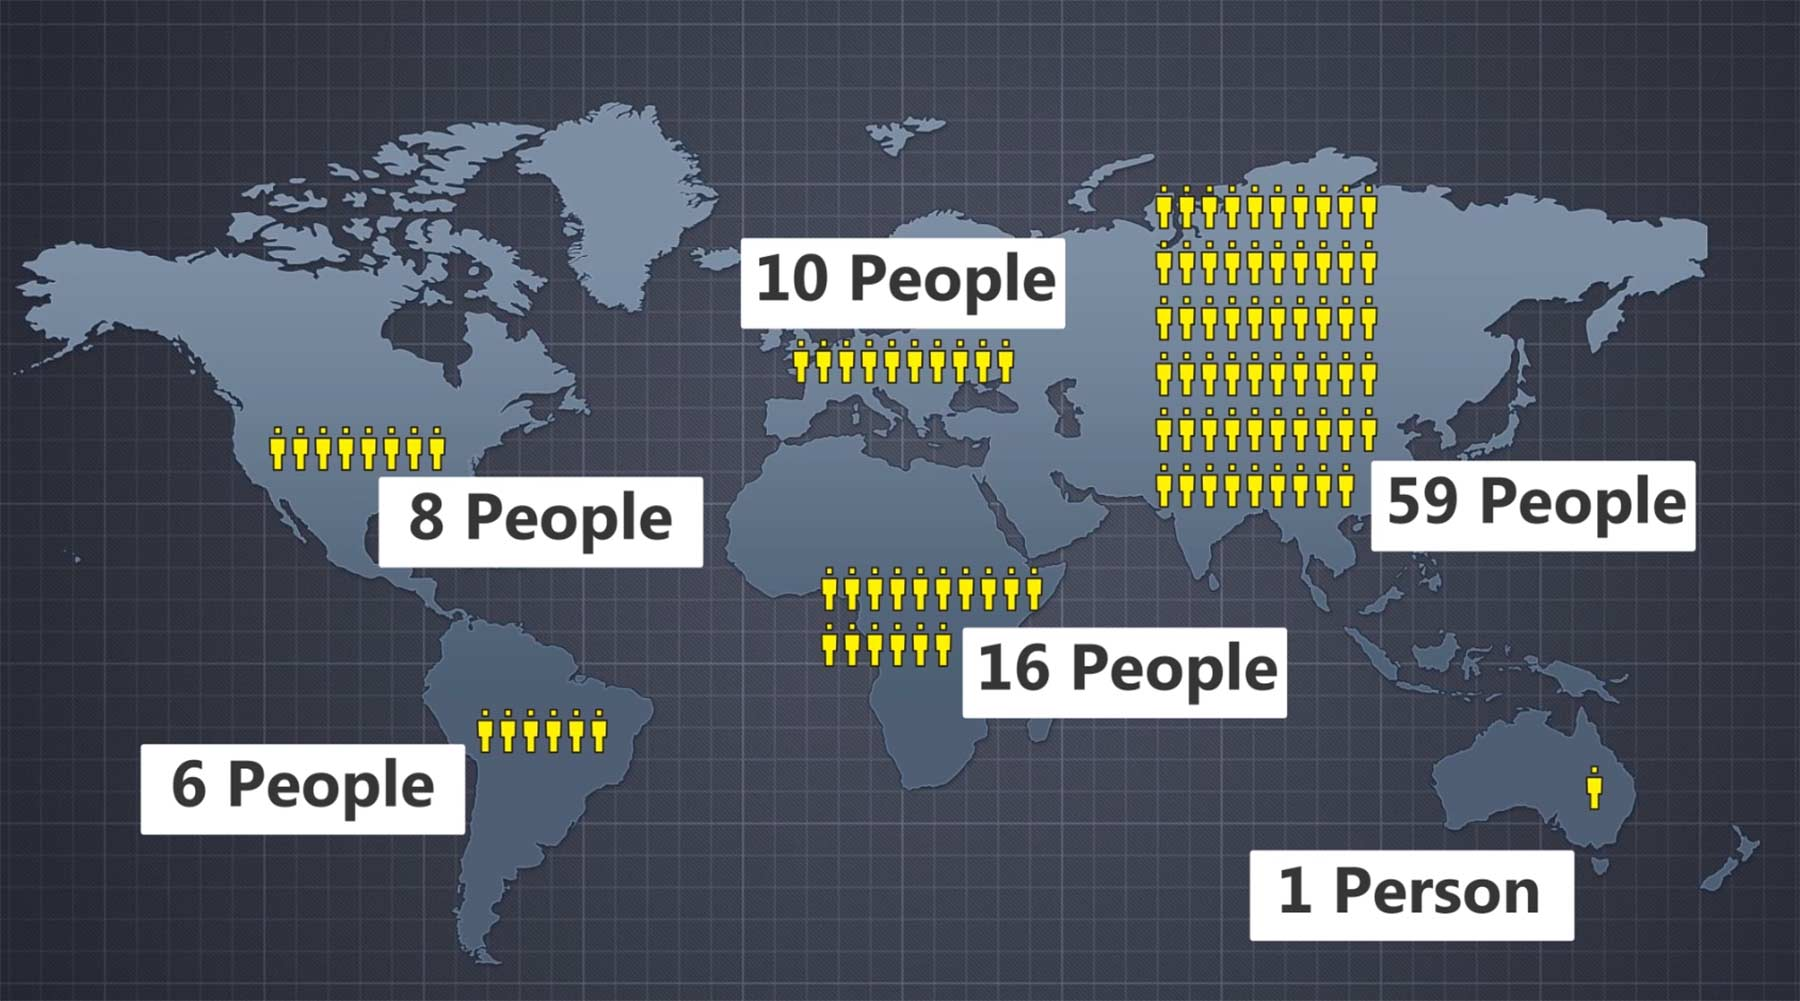 Wenn 100 Leute auf der Erde leben würden